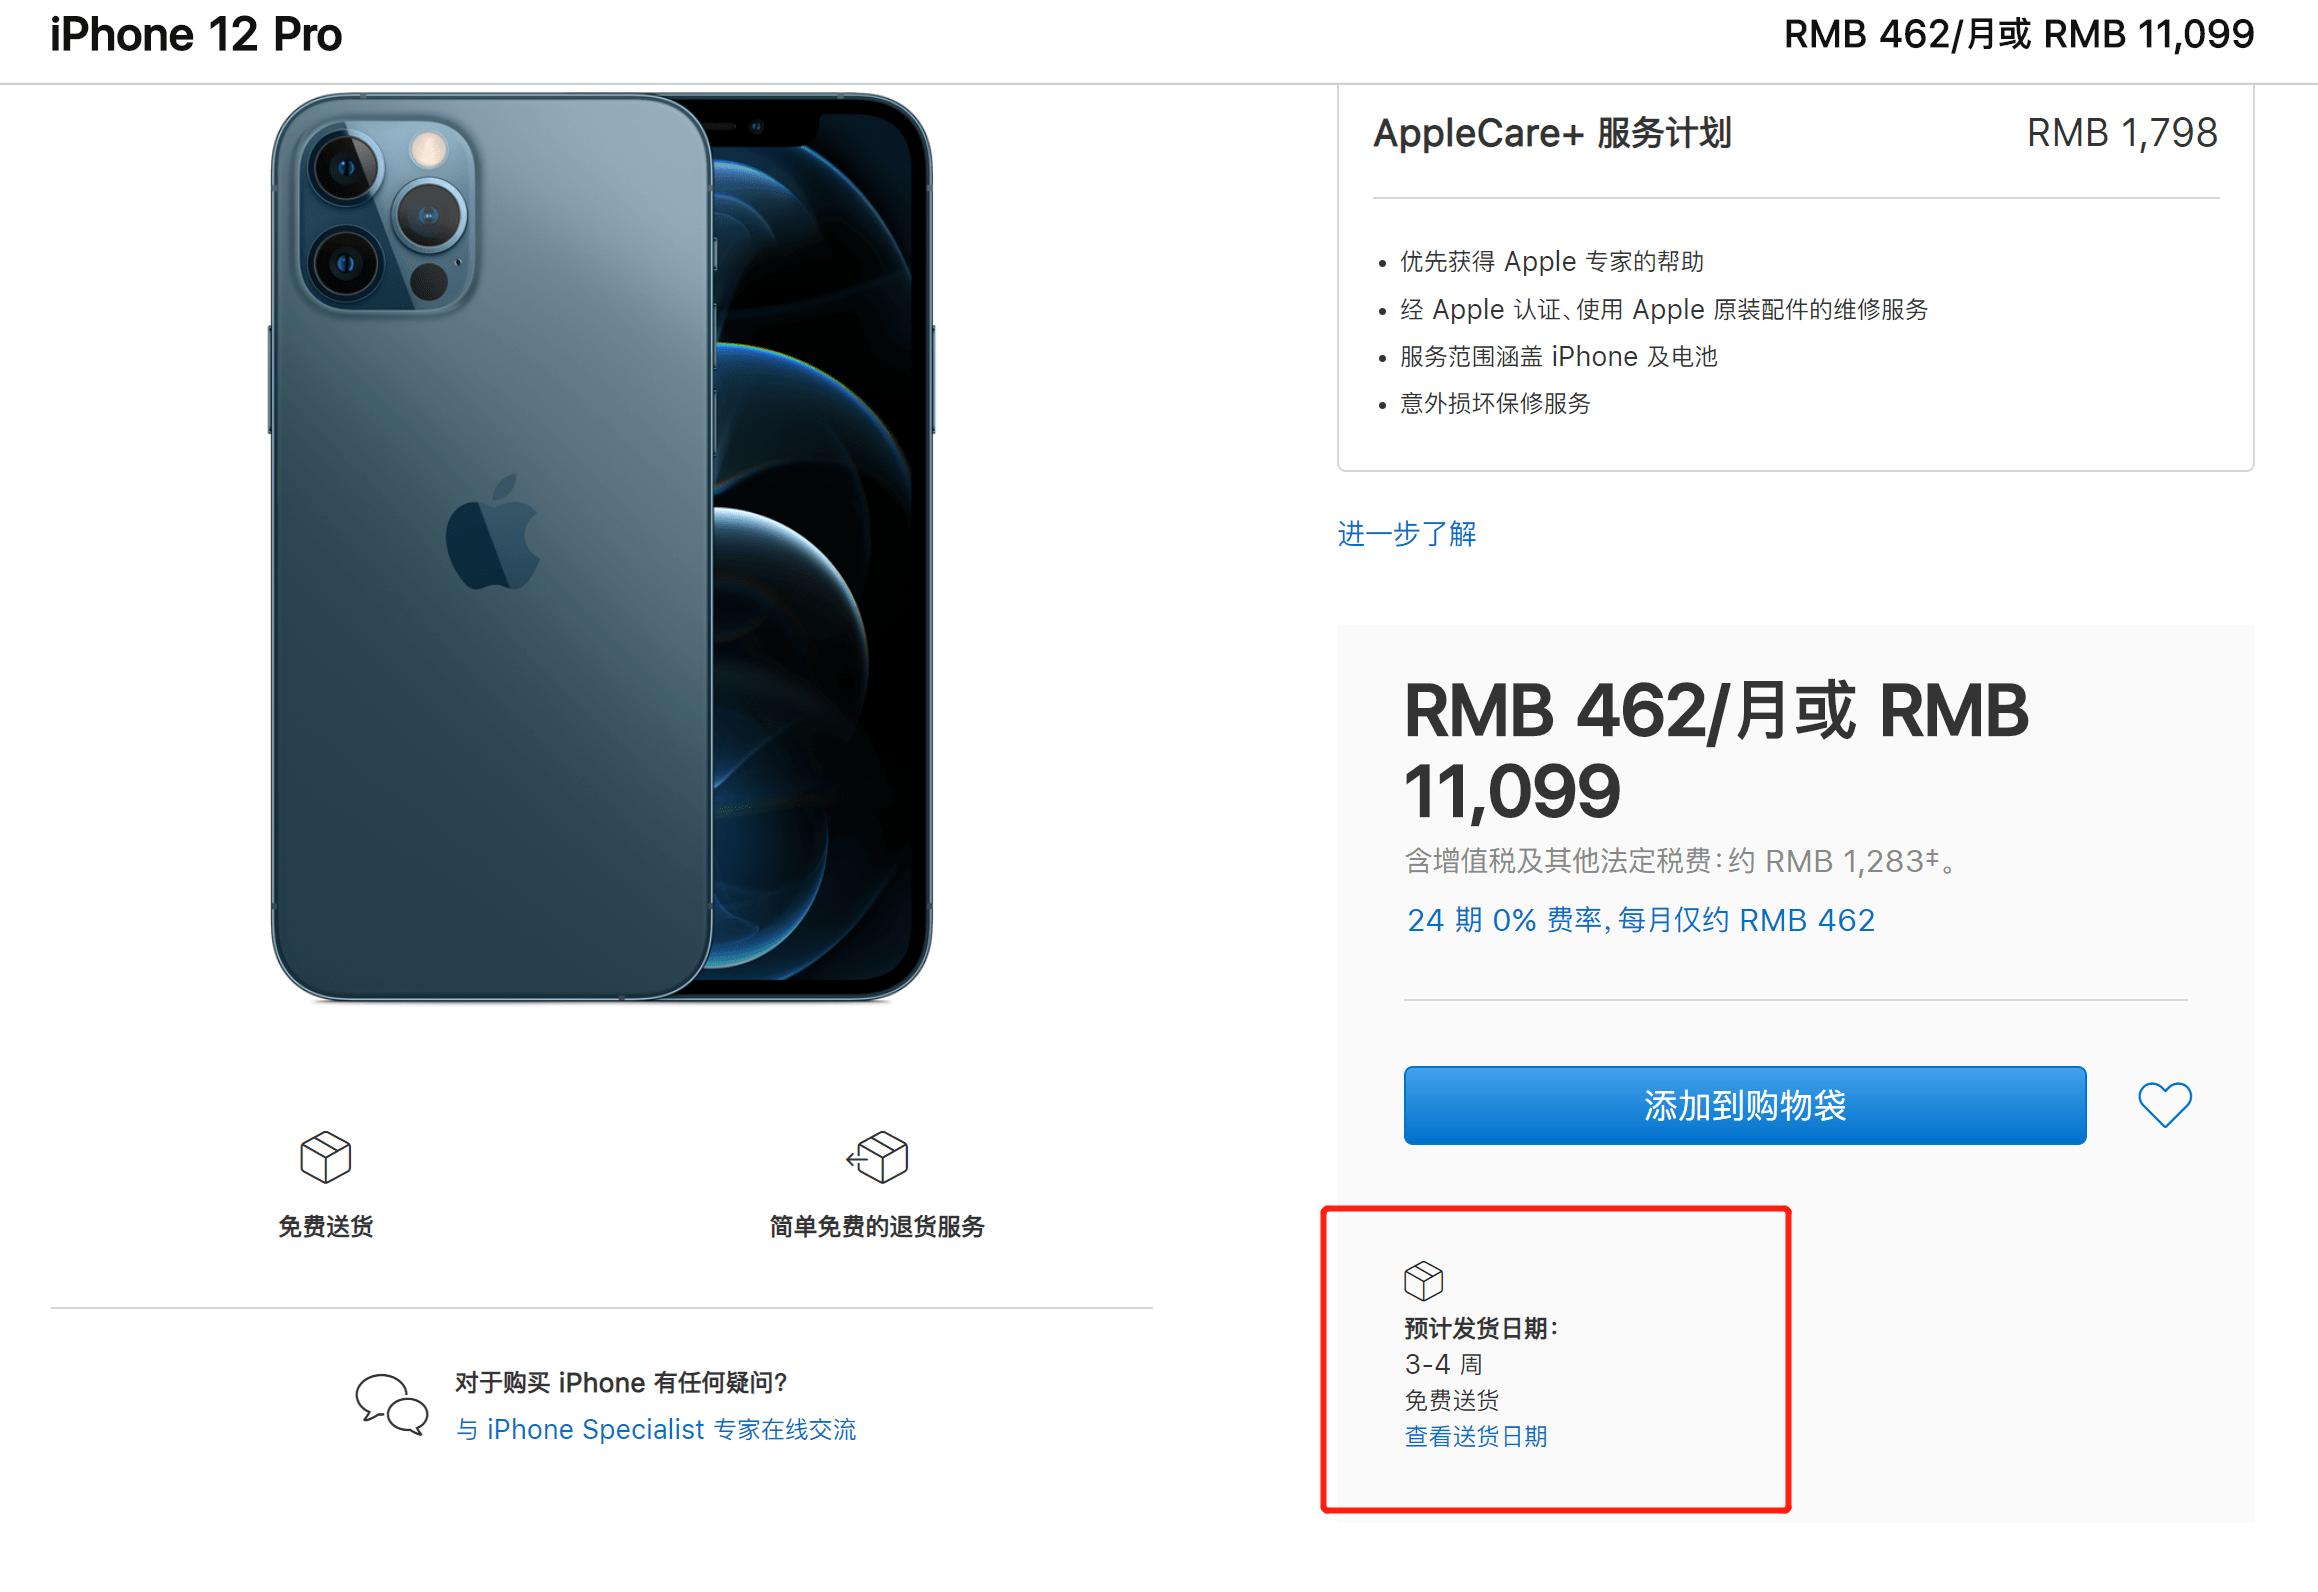 黄牛加价销售:iPhone 12涨价约200元,iPhone 12 Pro最高加价超3000元